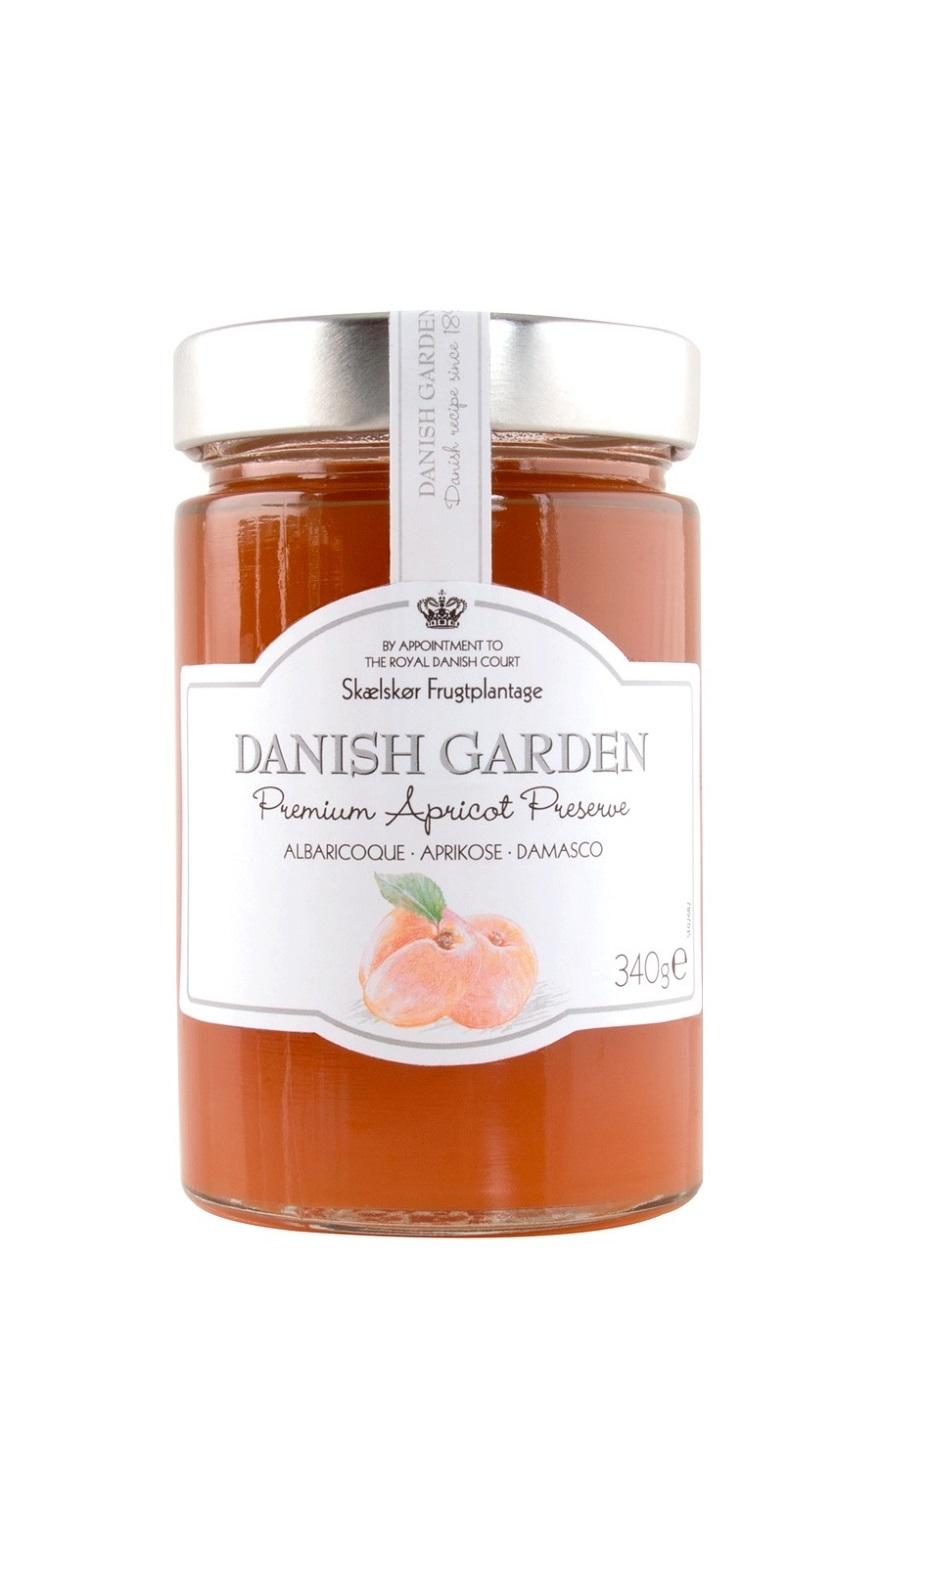 Apricot jam Danish Garden 340g - Lejos Eesti OÜ